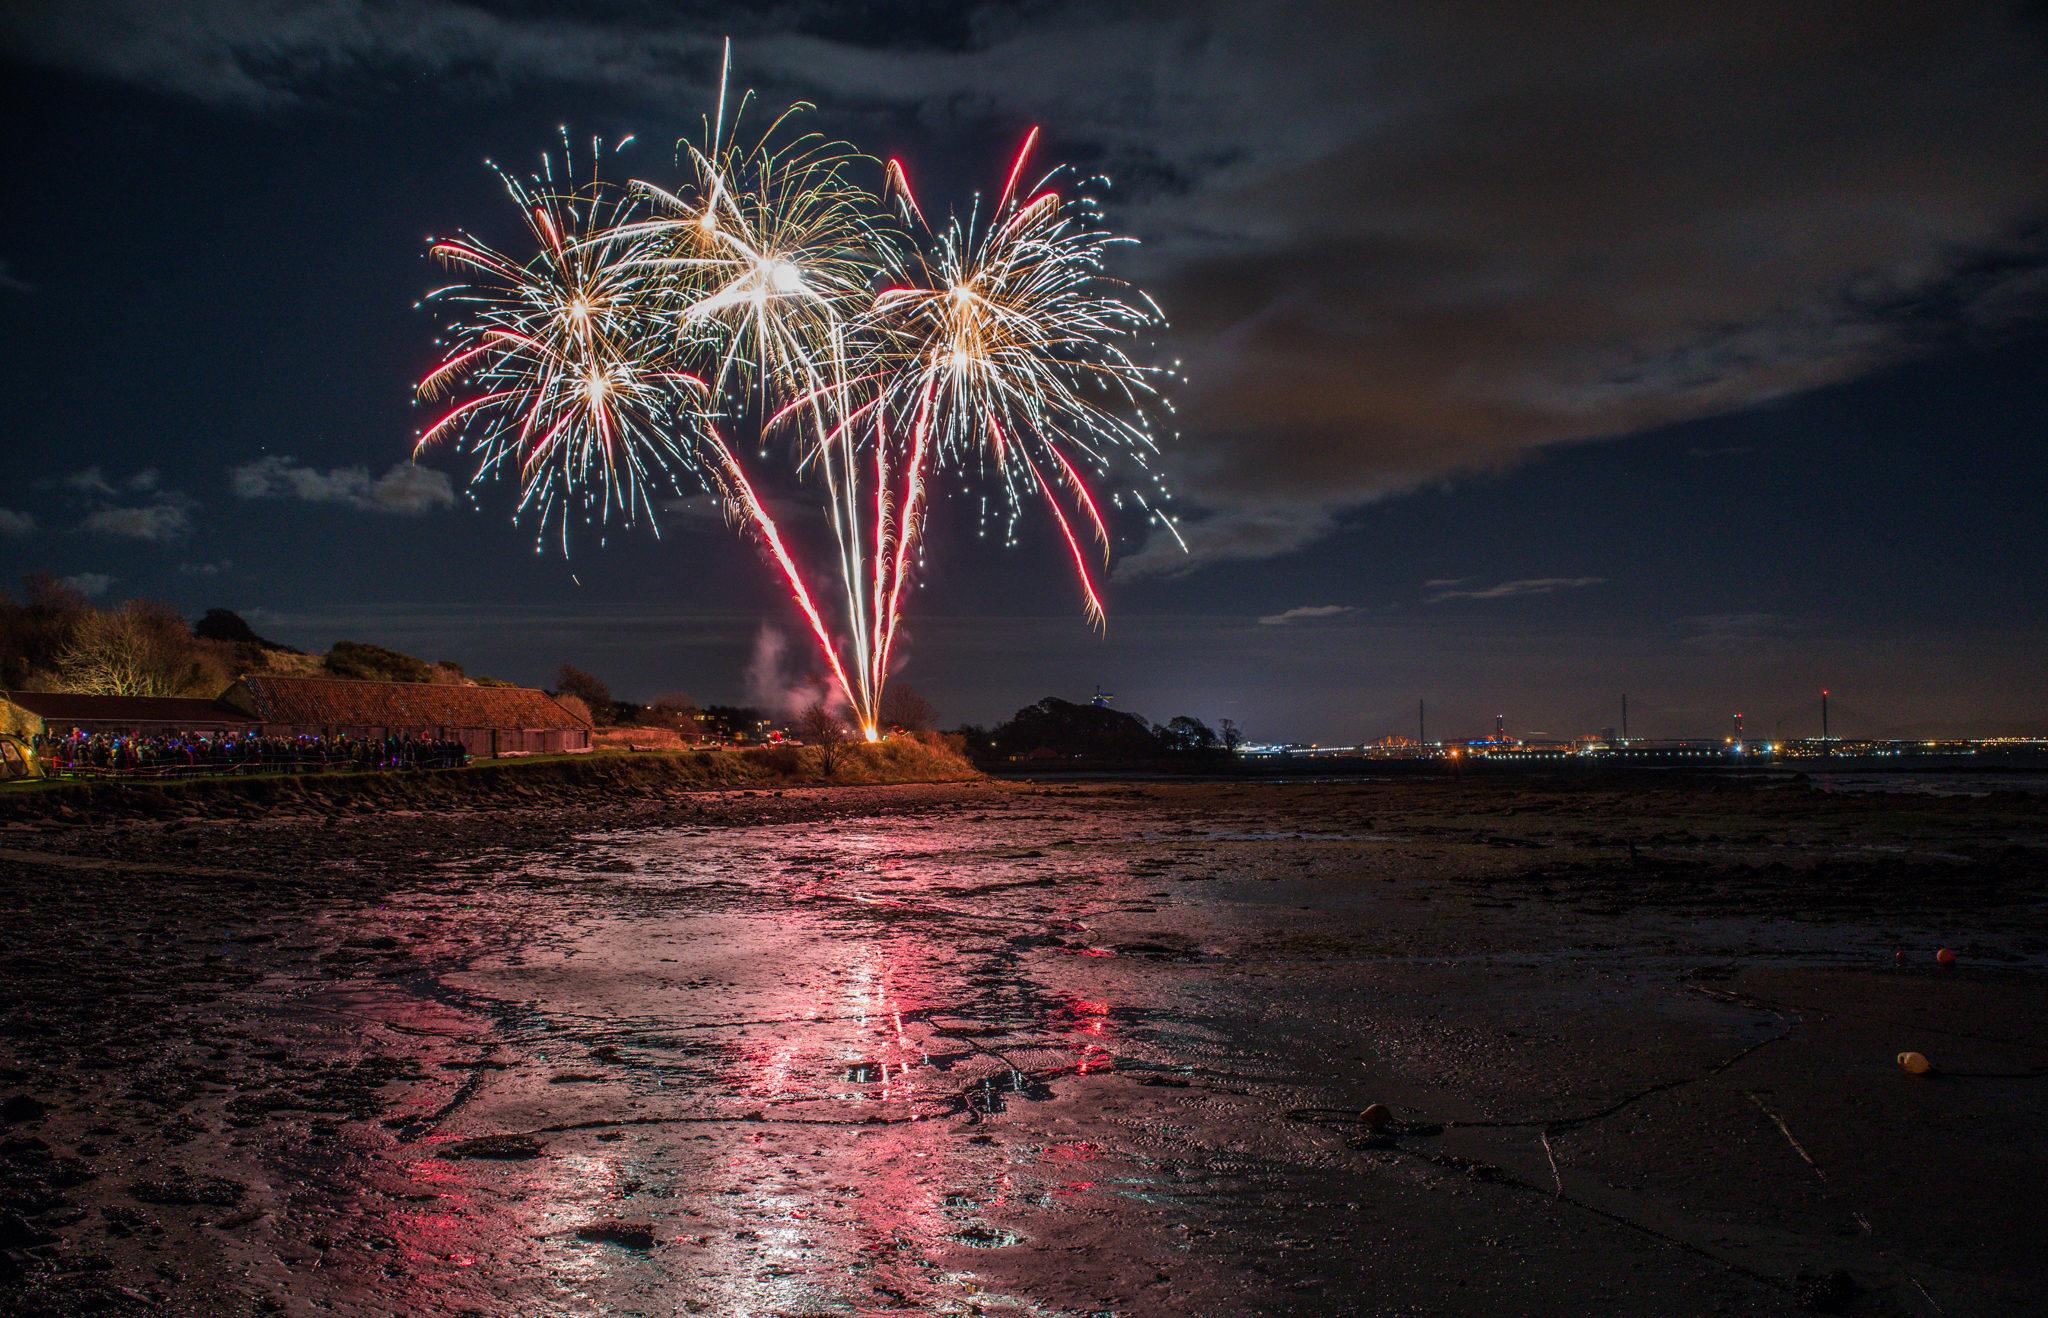 Limekilns Fireworks i-8369